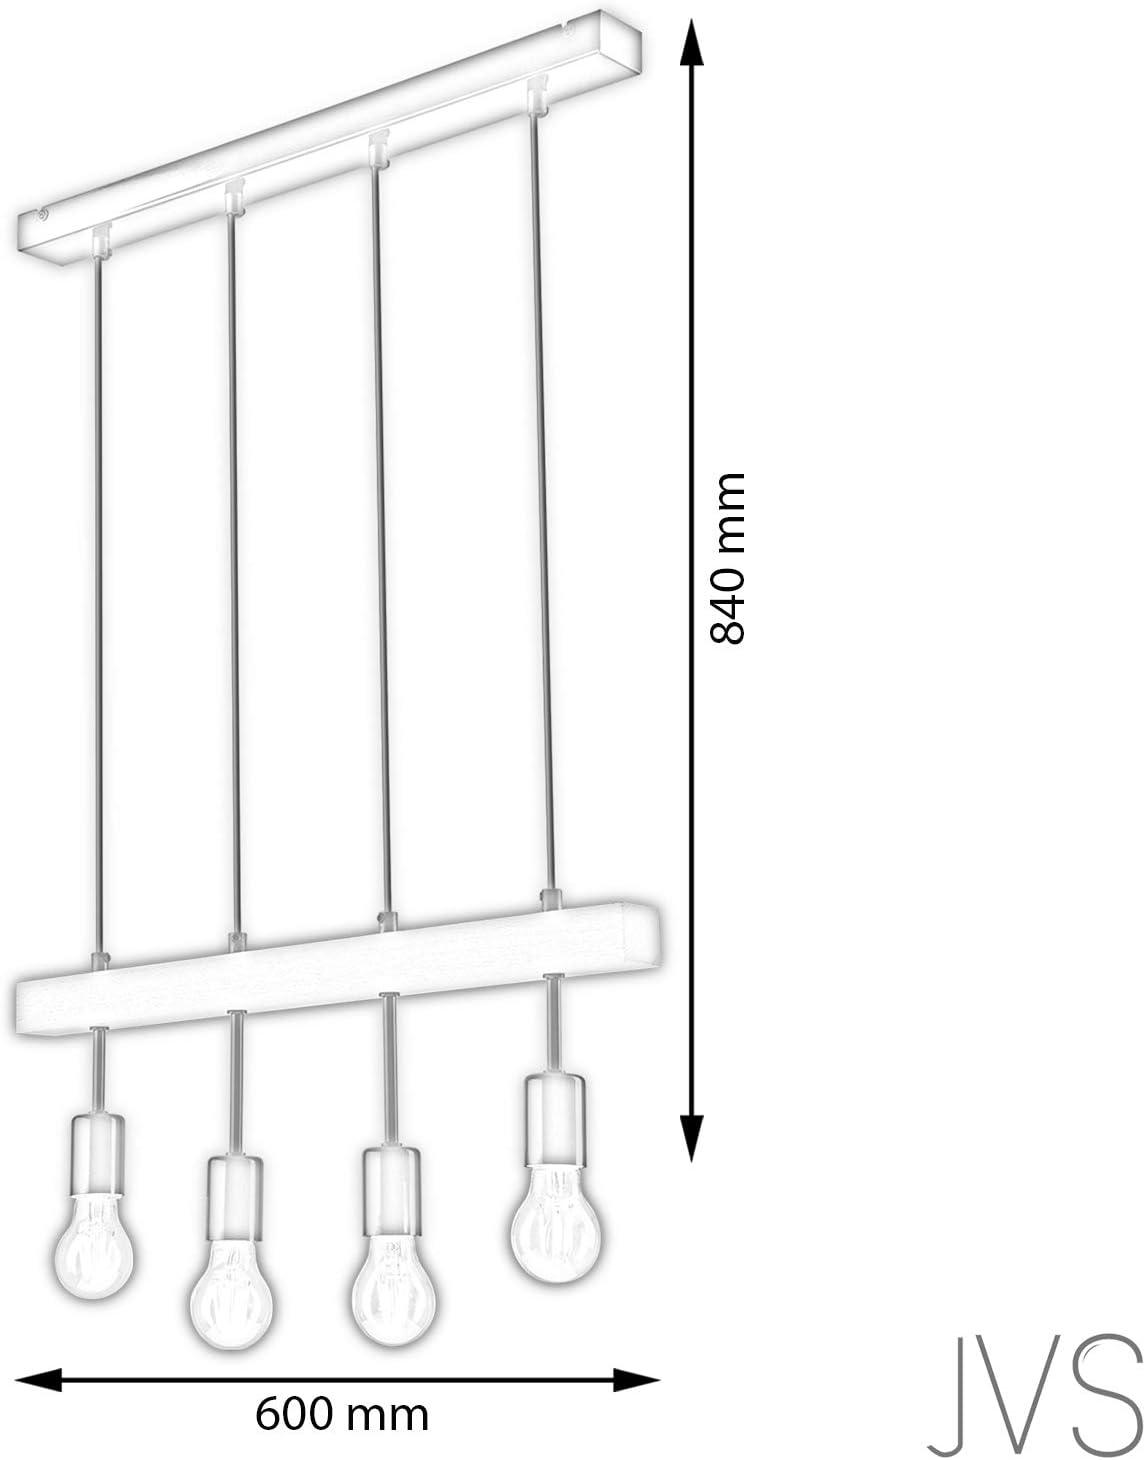 Pendel-Leuchte, Decken-Leuchte Weiss 4-Flammig, E27 Fassung, Sknadinavischer Stil, Deckenleuchte, Deckenlampe, Kronleuchter aus Stahl/Holz - ohne Leuchtmittel B-4l